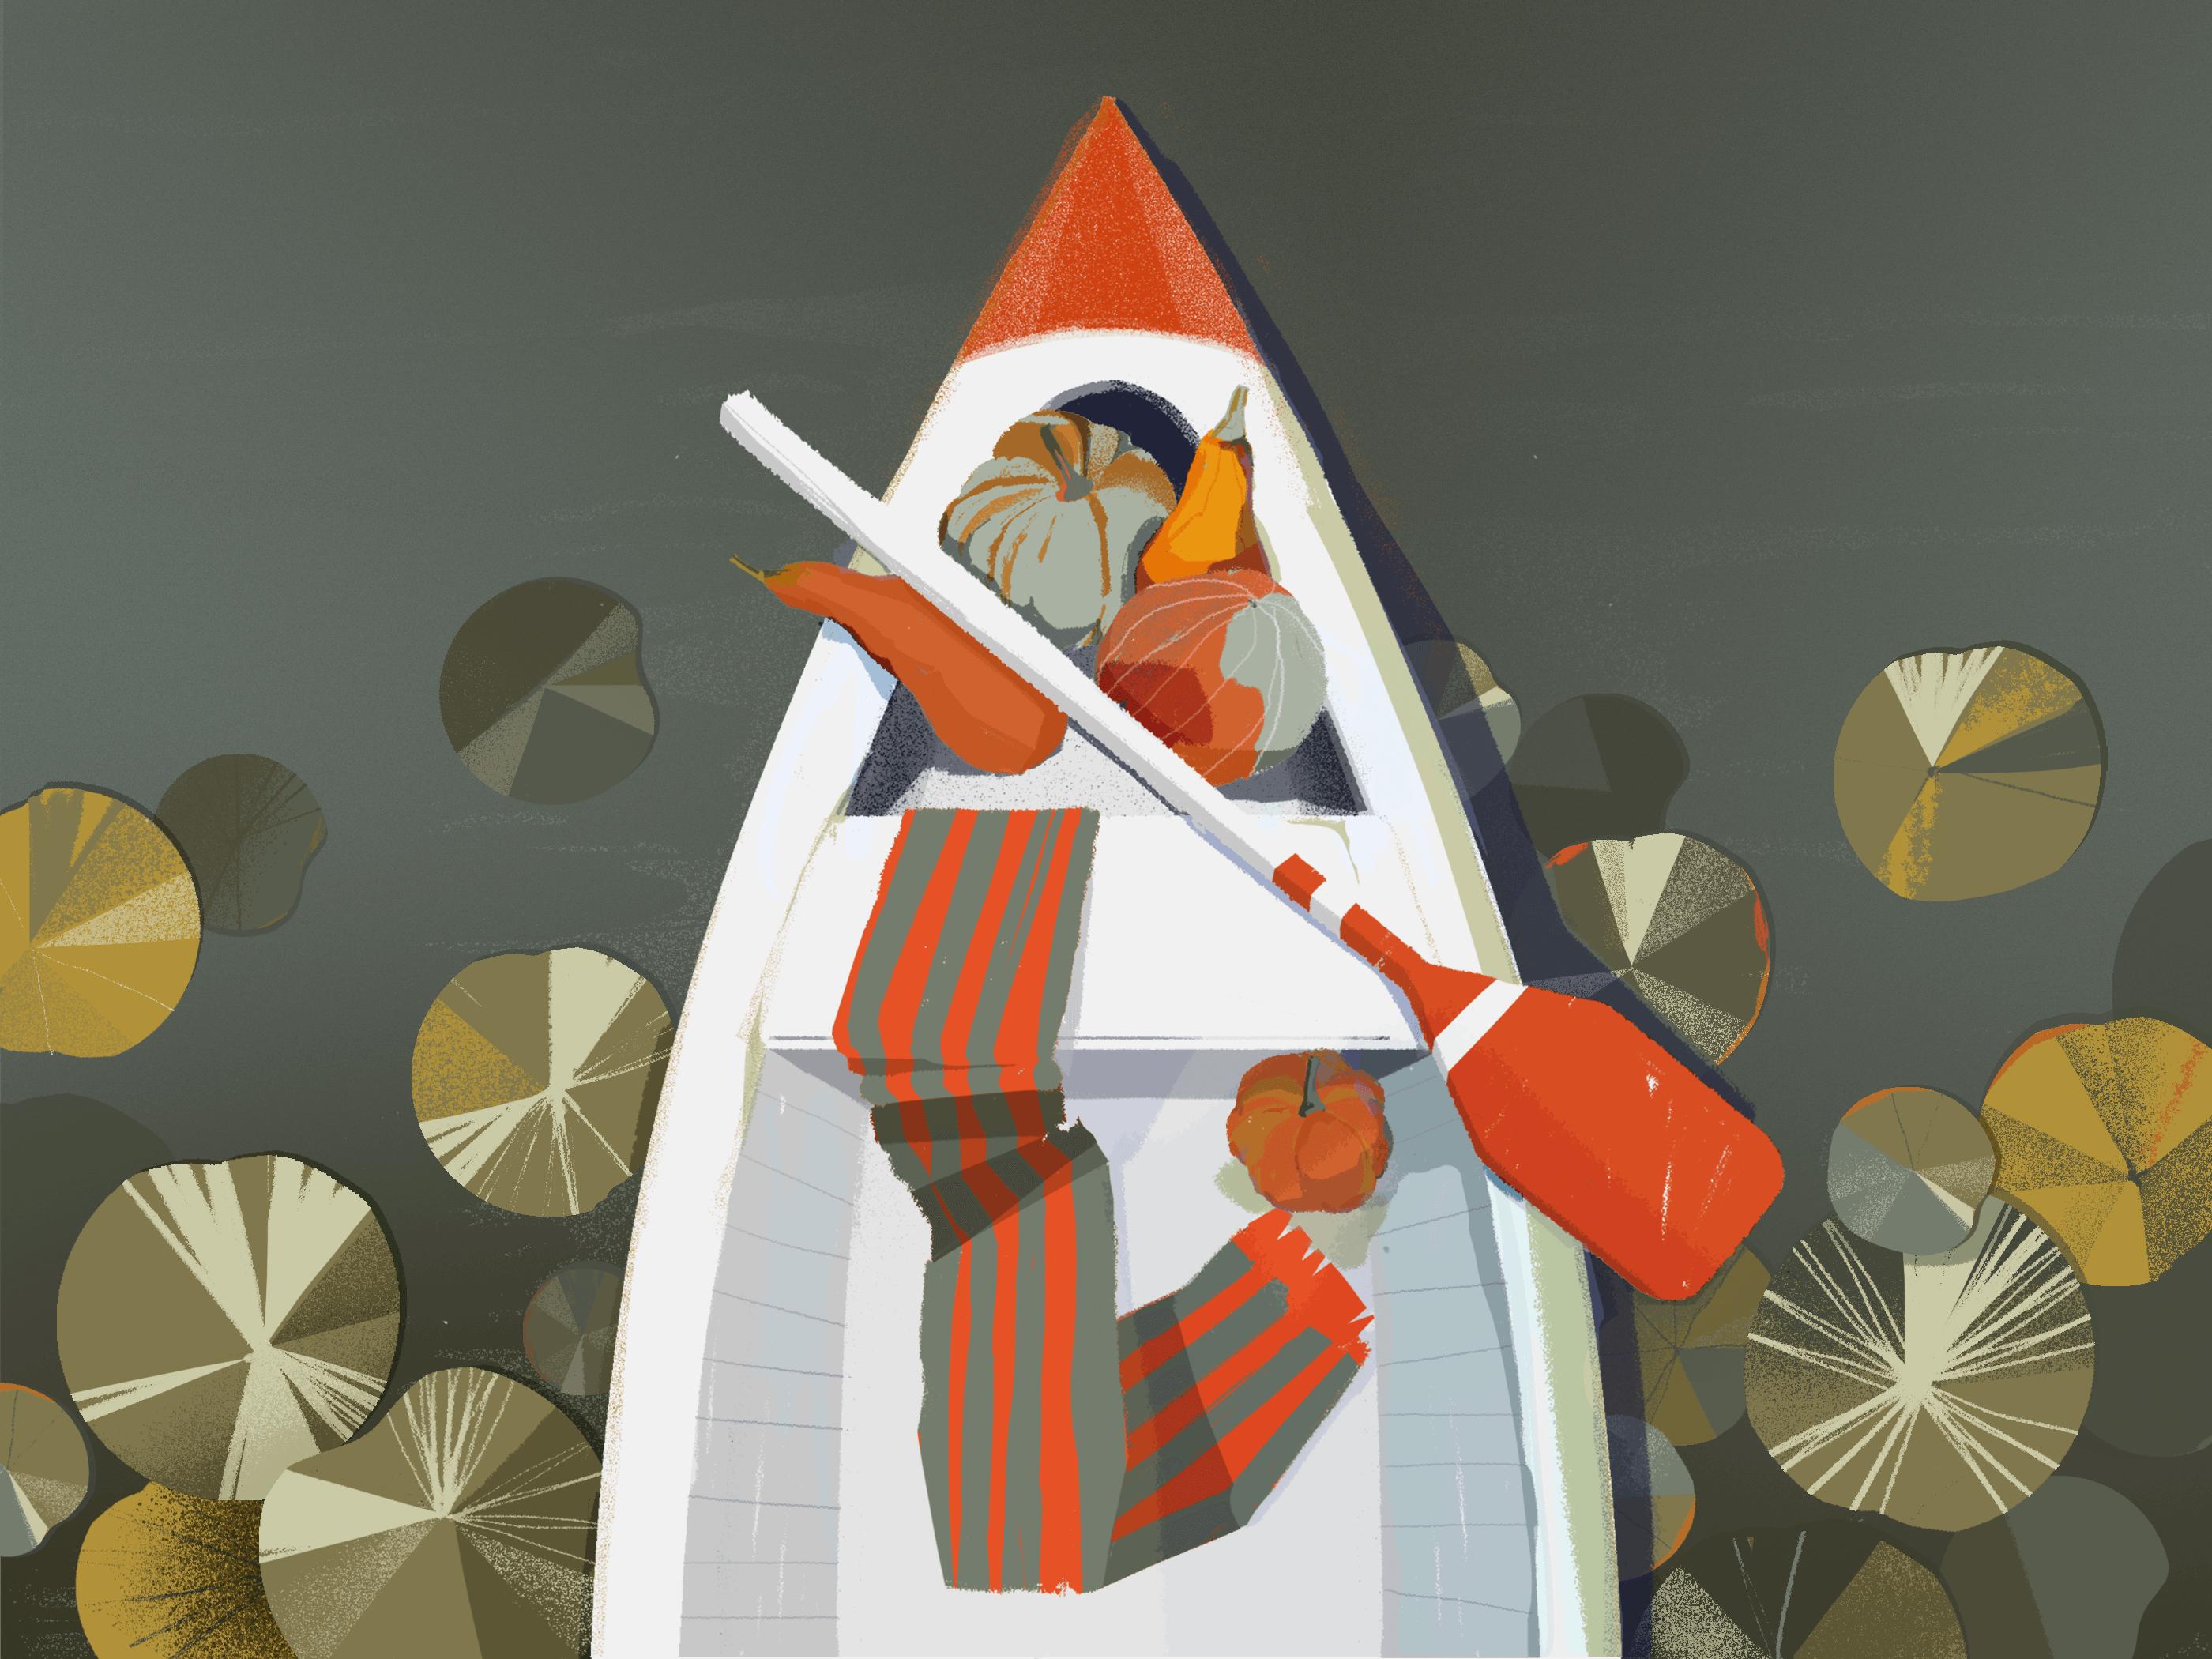 autumn boat illustration